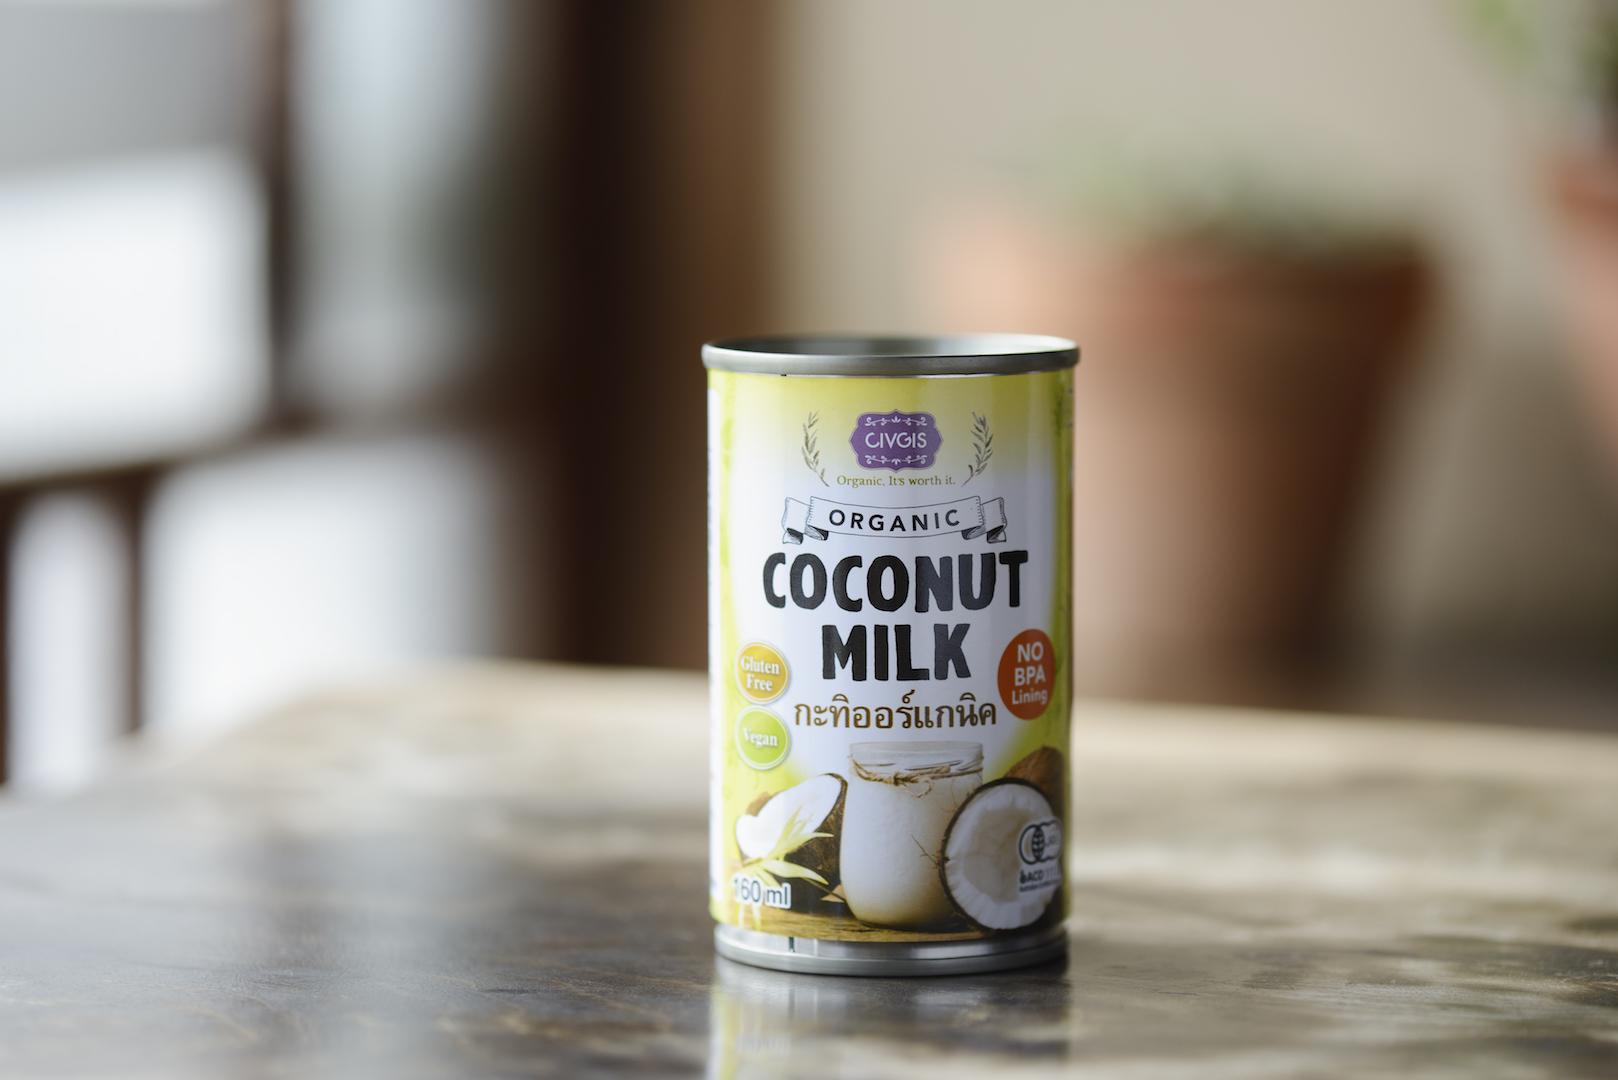 使い切りサイズのココナッツミルク